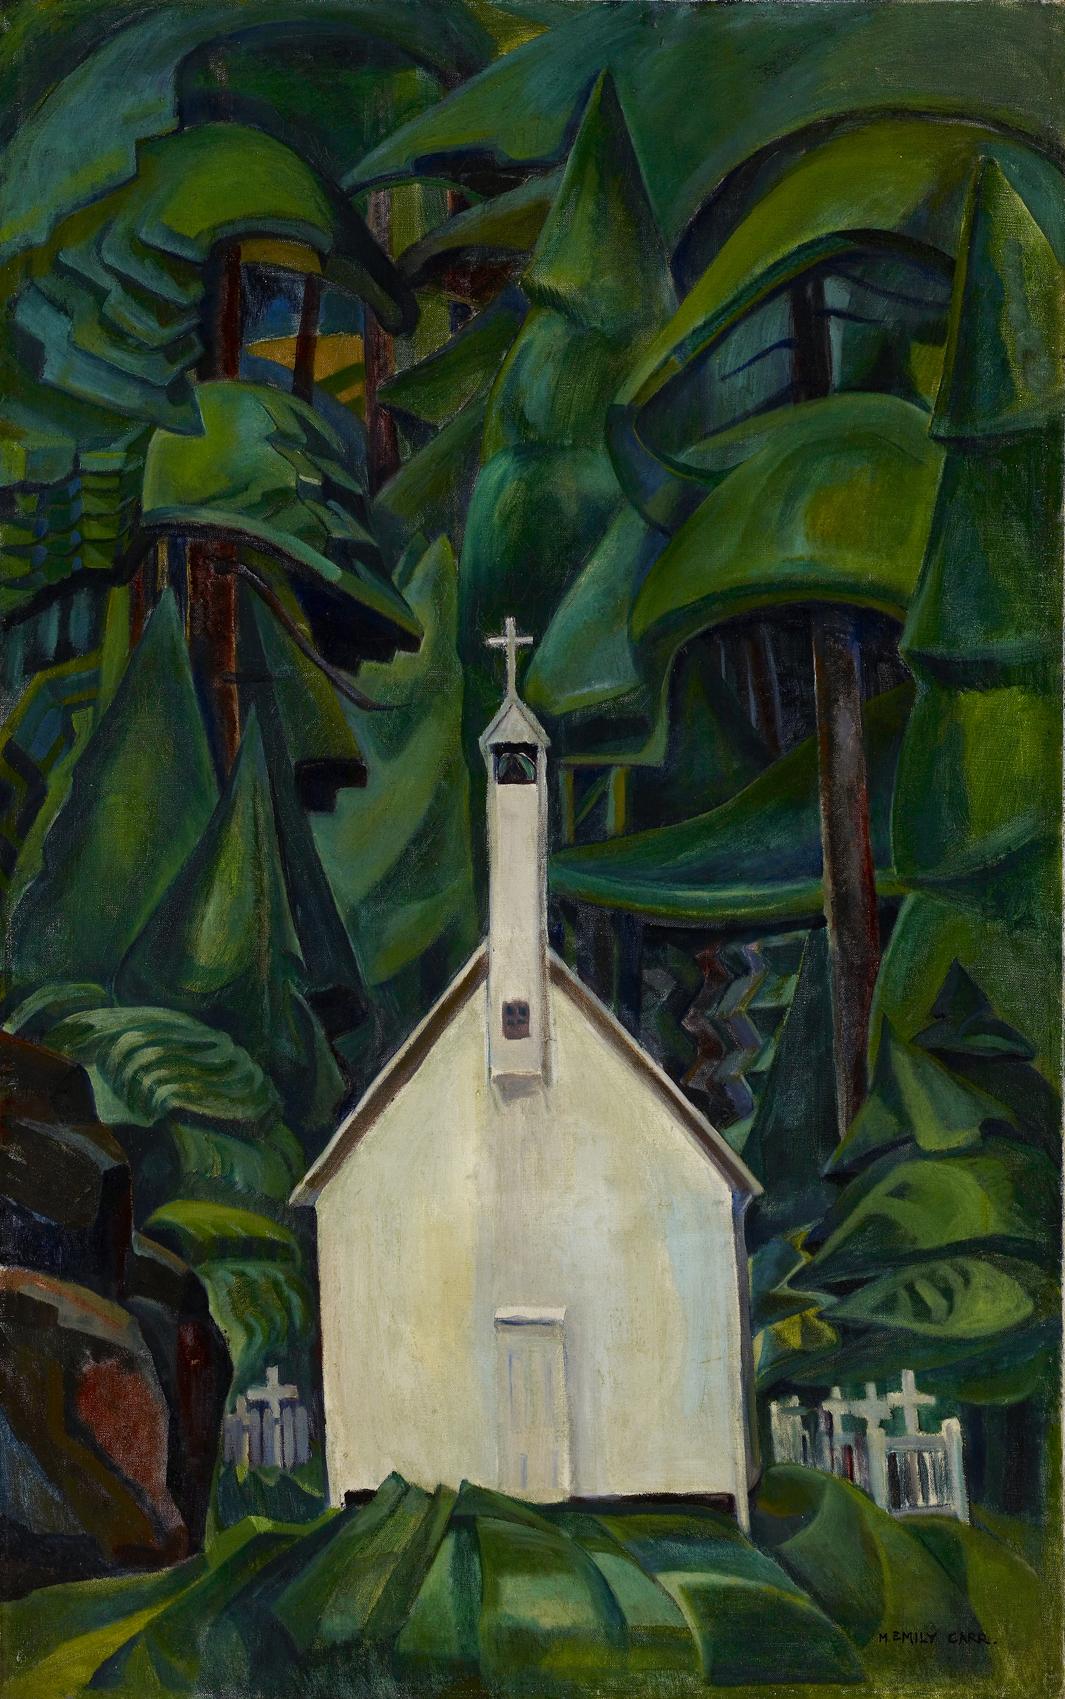 Emily Carr Indian Church, 1929 108.6 x 68.9 cm Oil on canvas